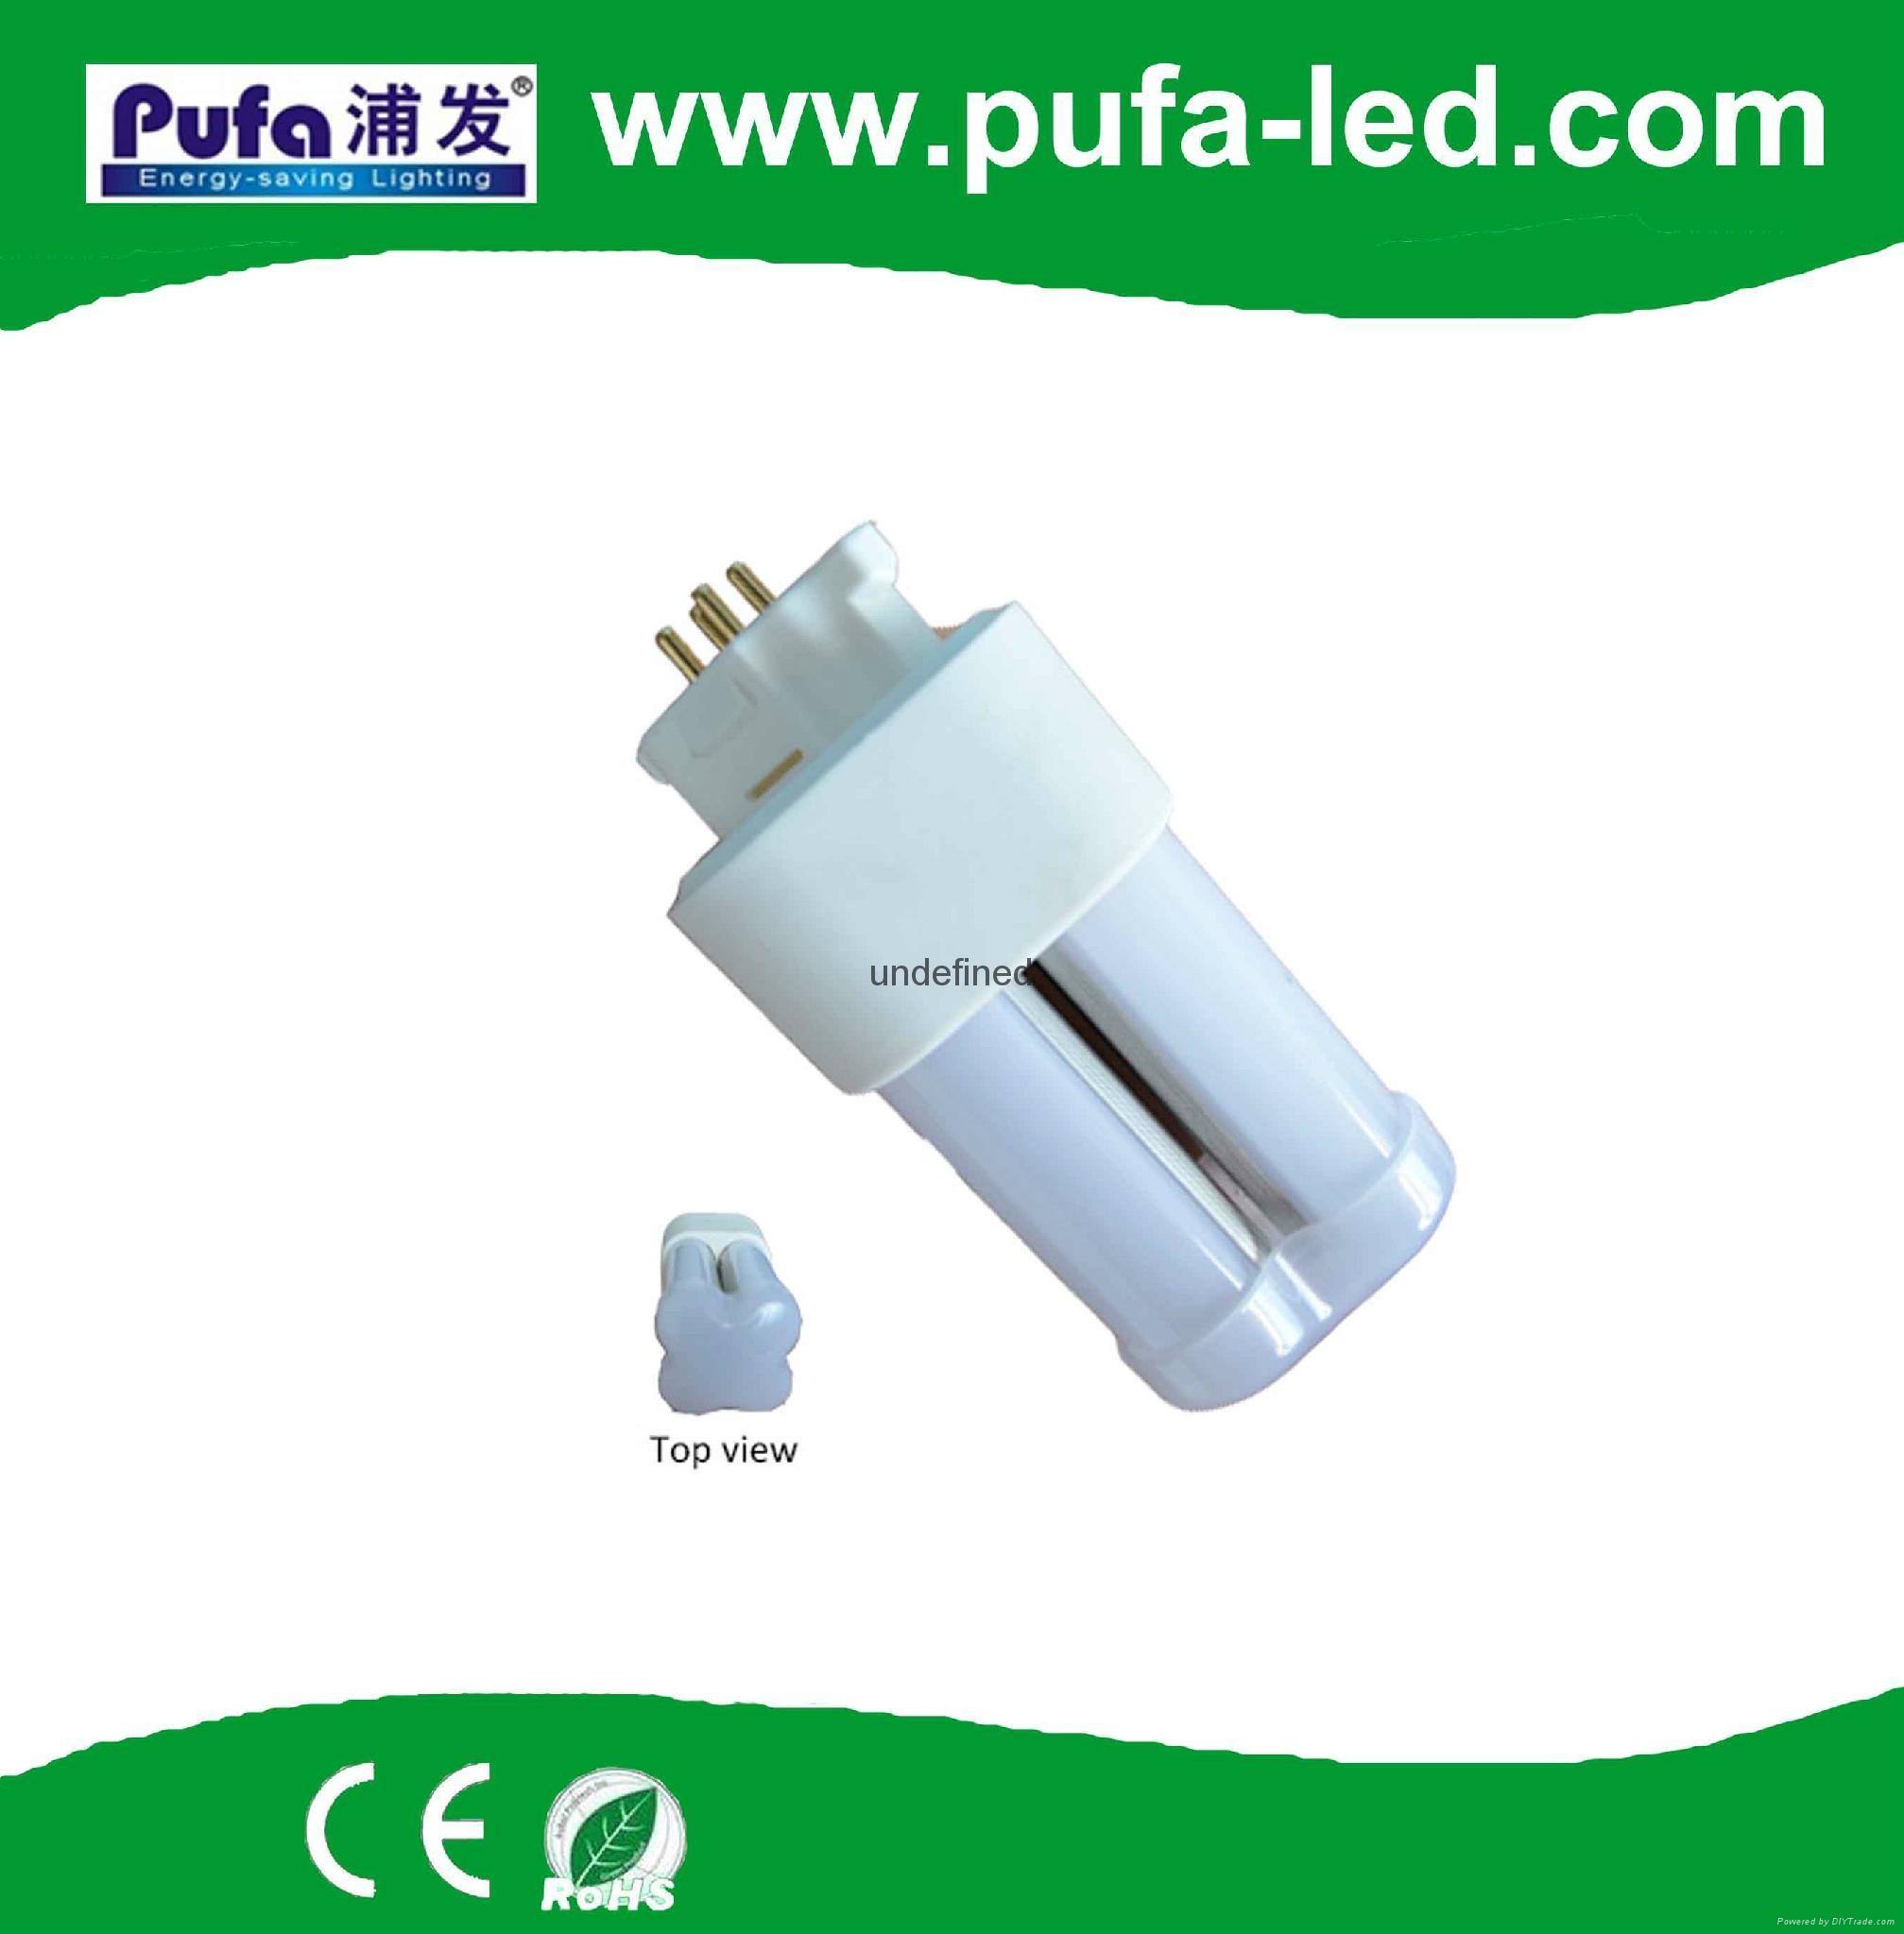 LED GX10Q横插灯 18W 1